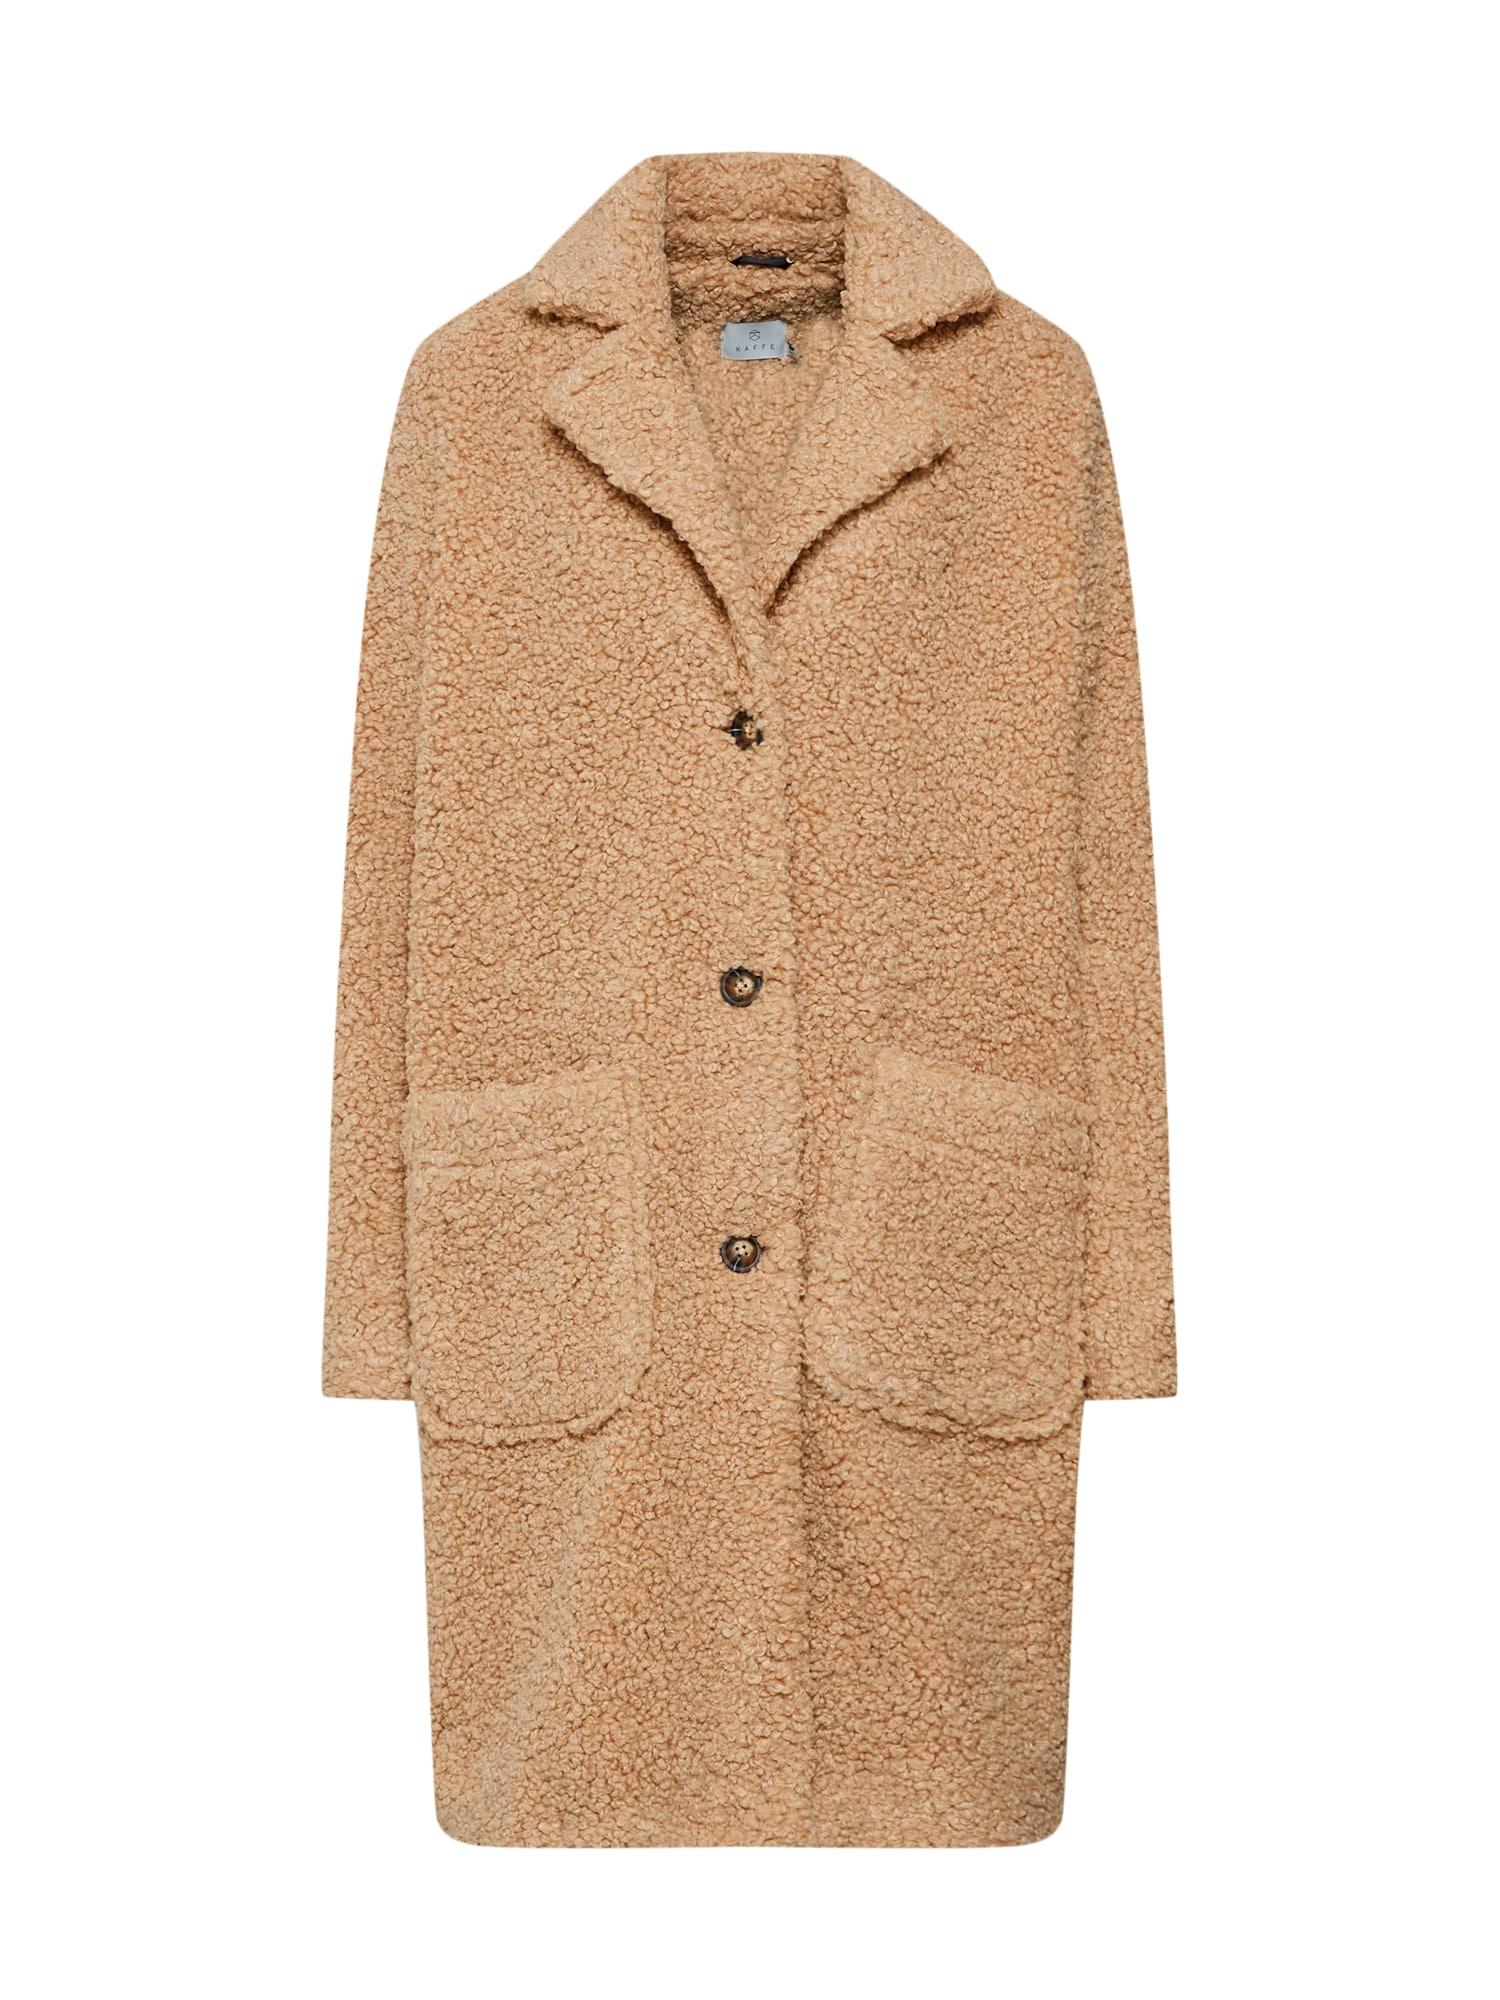 Zimní kabát Balma Teddy velbloudí Kaffe